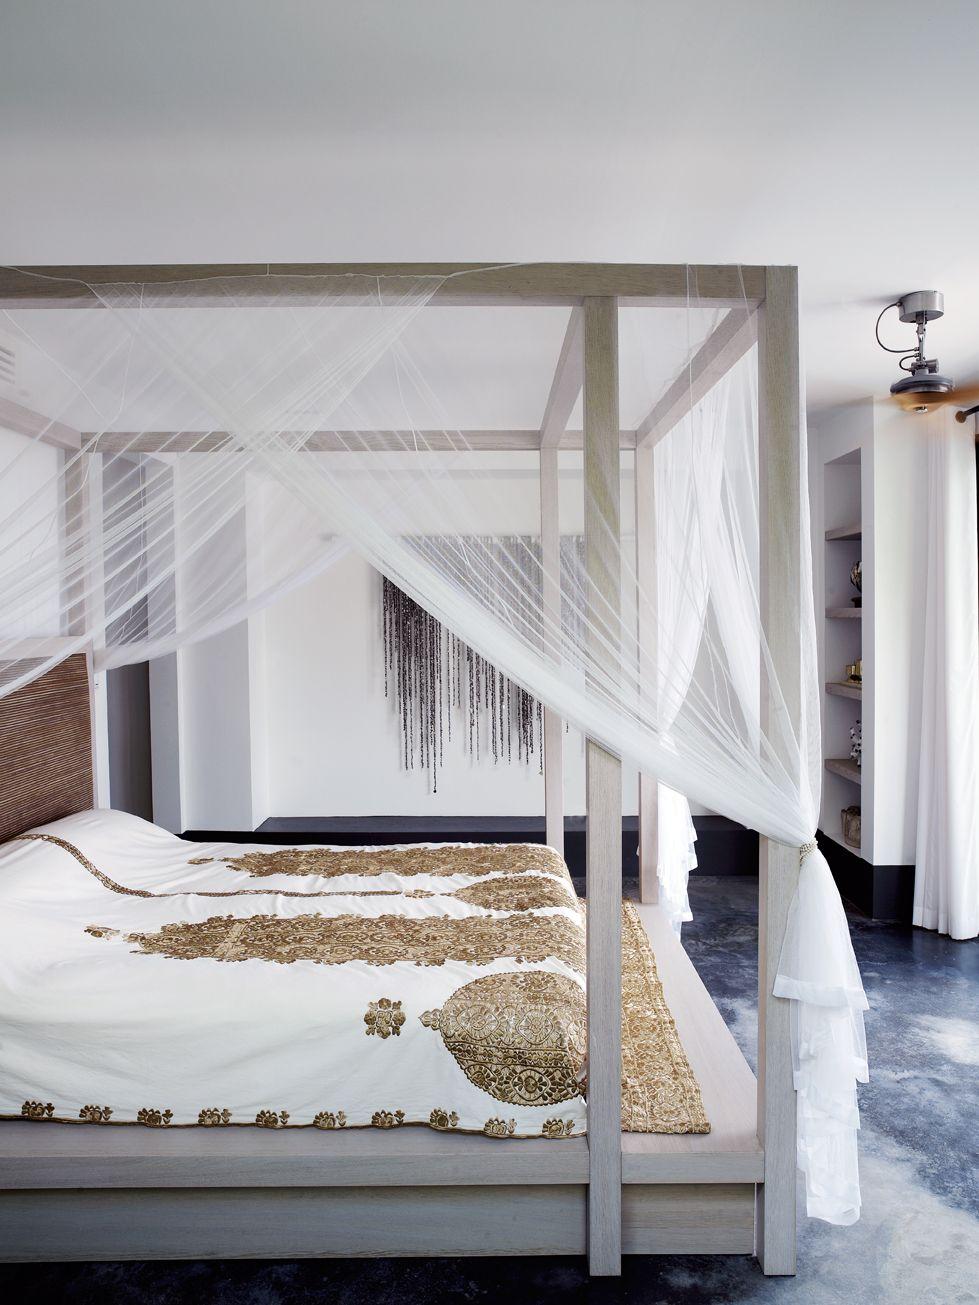 Inspiration des Tages: Himmelbetten   Schlafzimmer, Schöne häuser ...